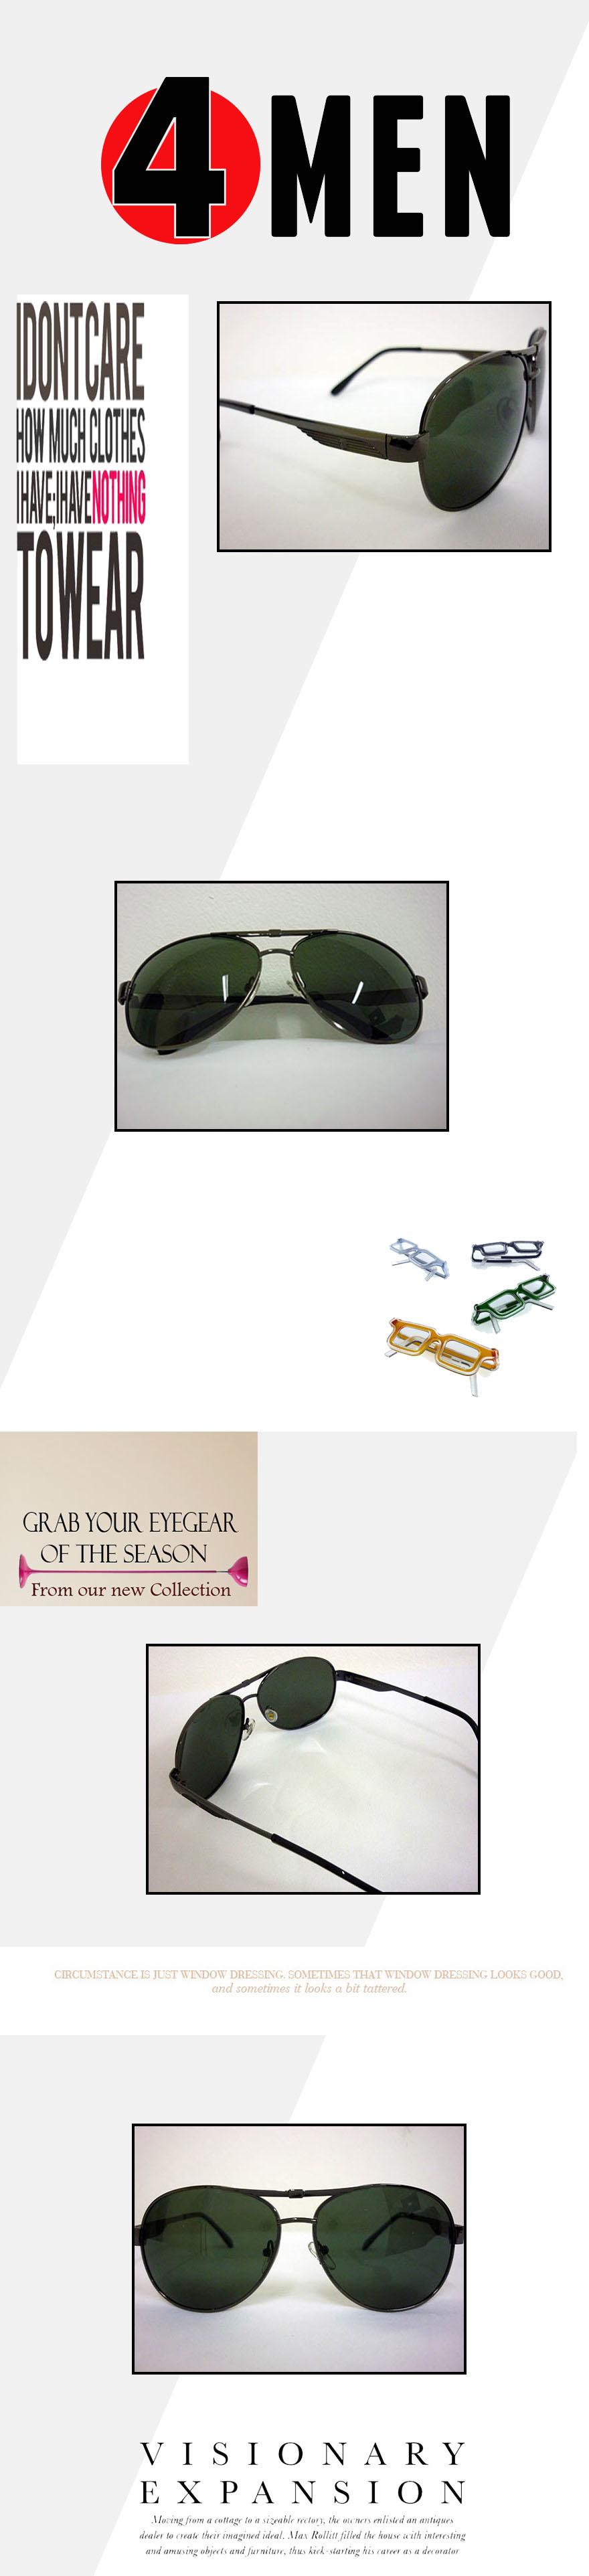 Mắt kính nam đen mkf008 - 1